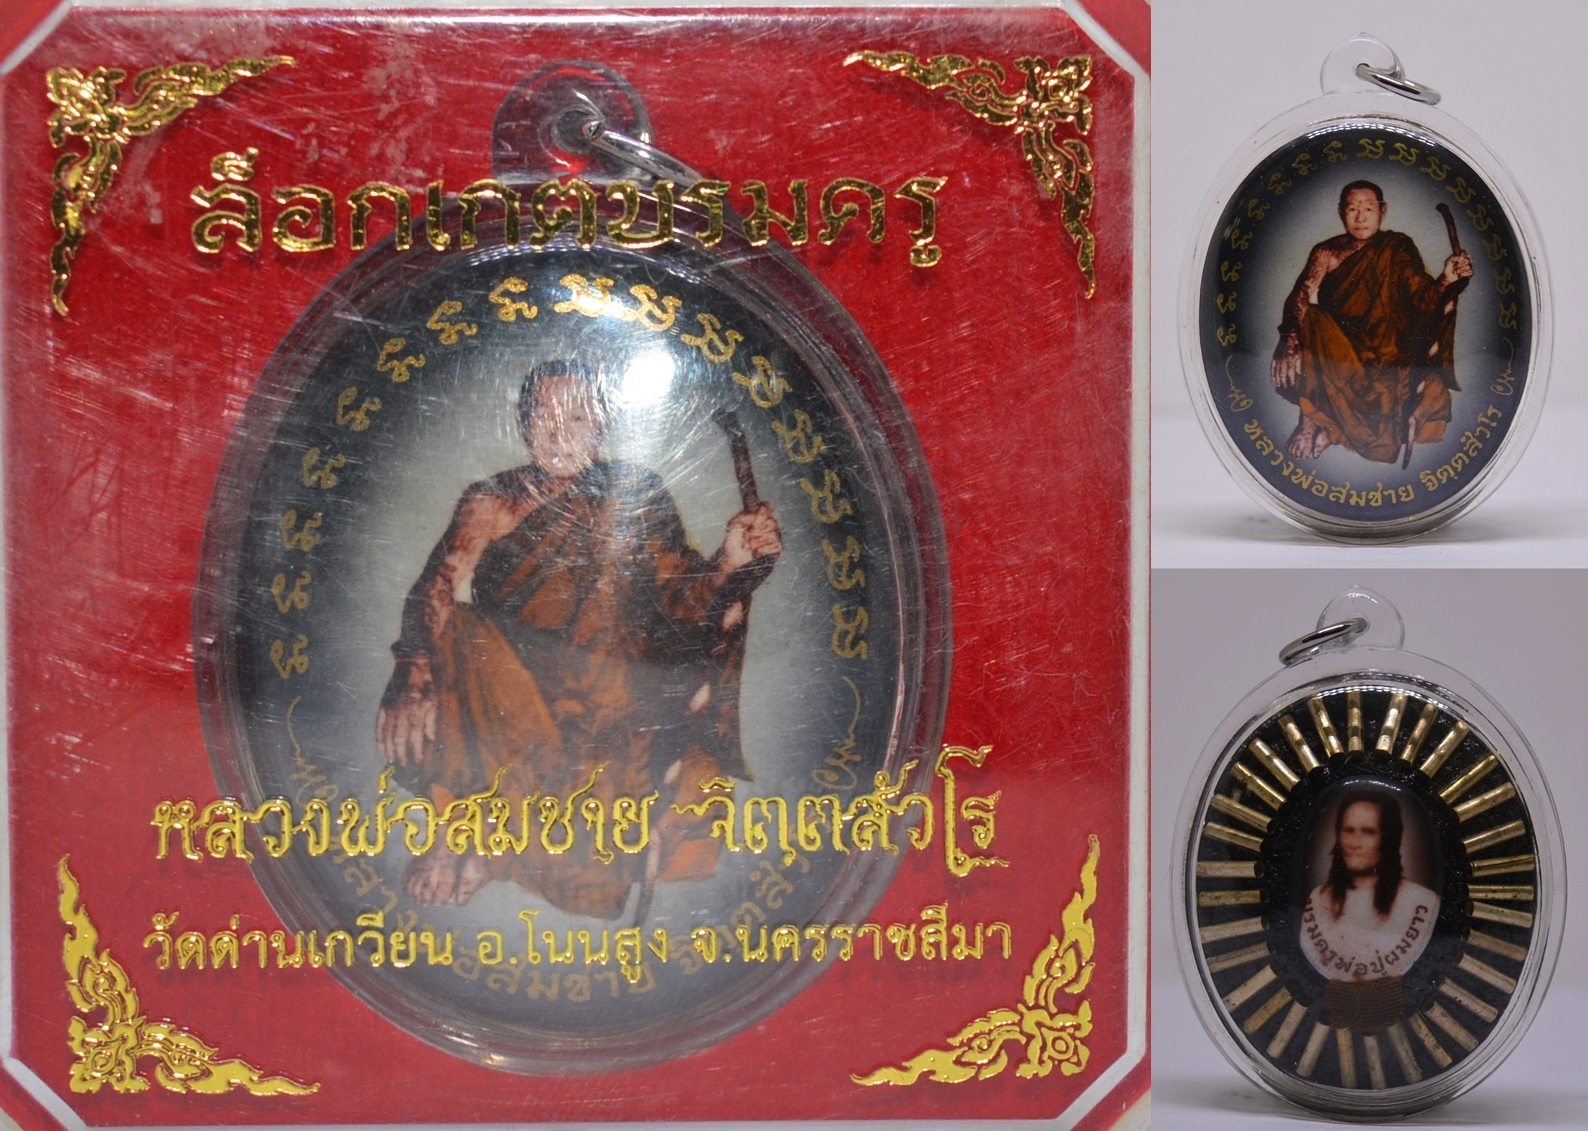 ล็อกเก็ตบรมครู ฉากซีเปีย ฝังตะกรุดเงิน หลวงพ่อสมชาย วัดด่านเกวียน นครราชสีมา 2555